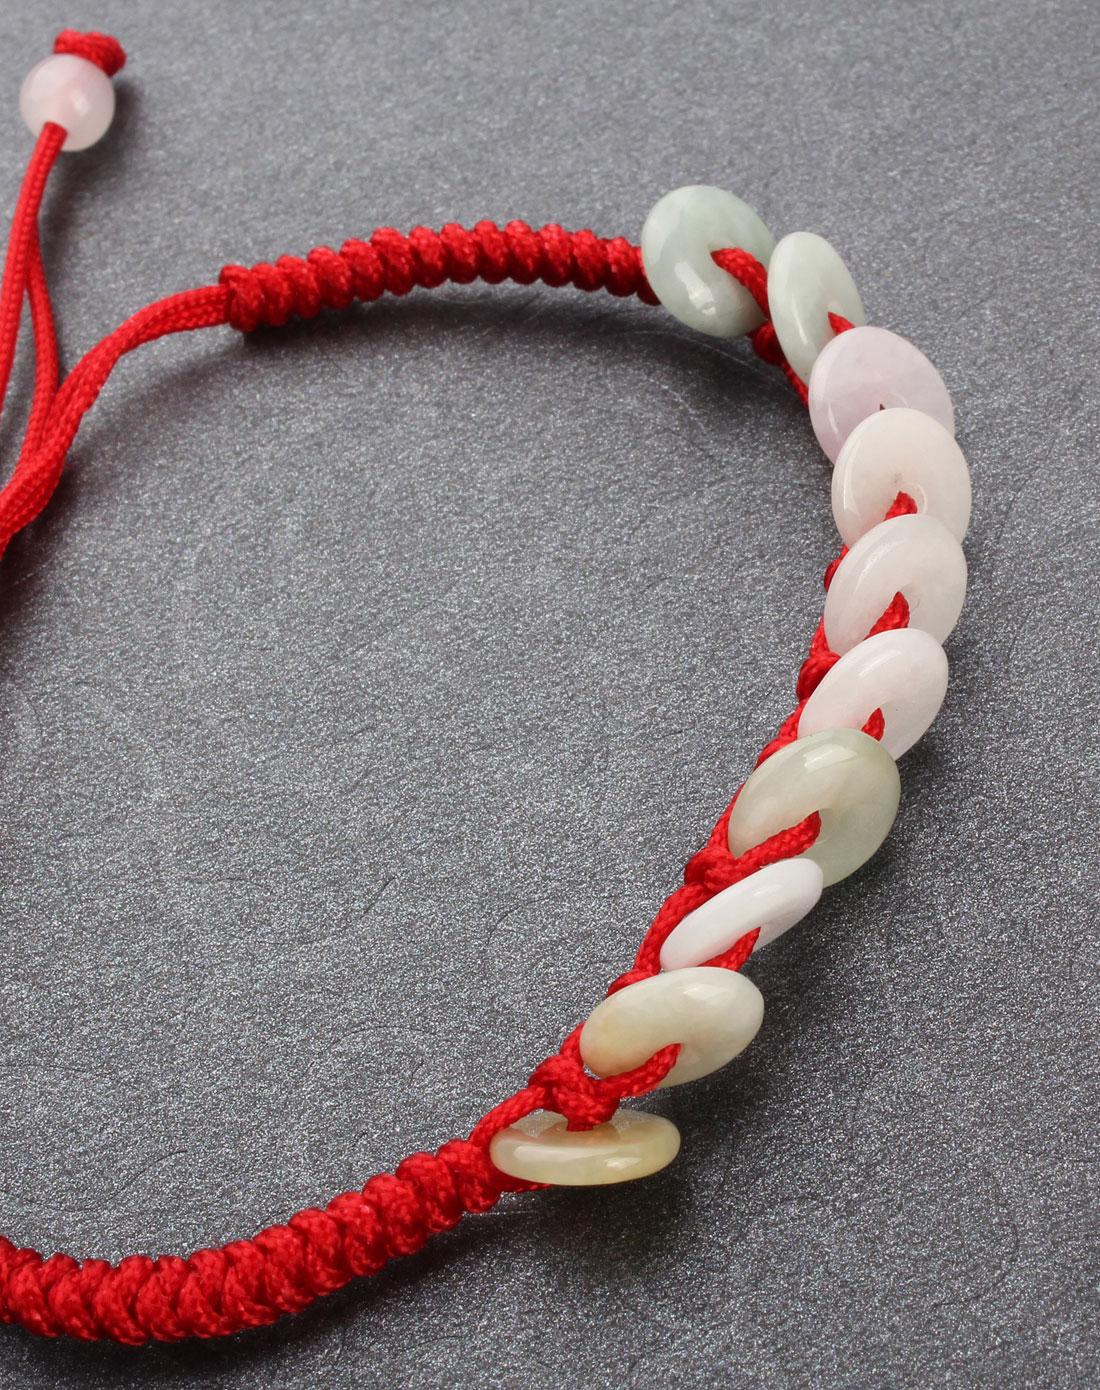 翡翠a货手工编织手链可调节-平安扣